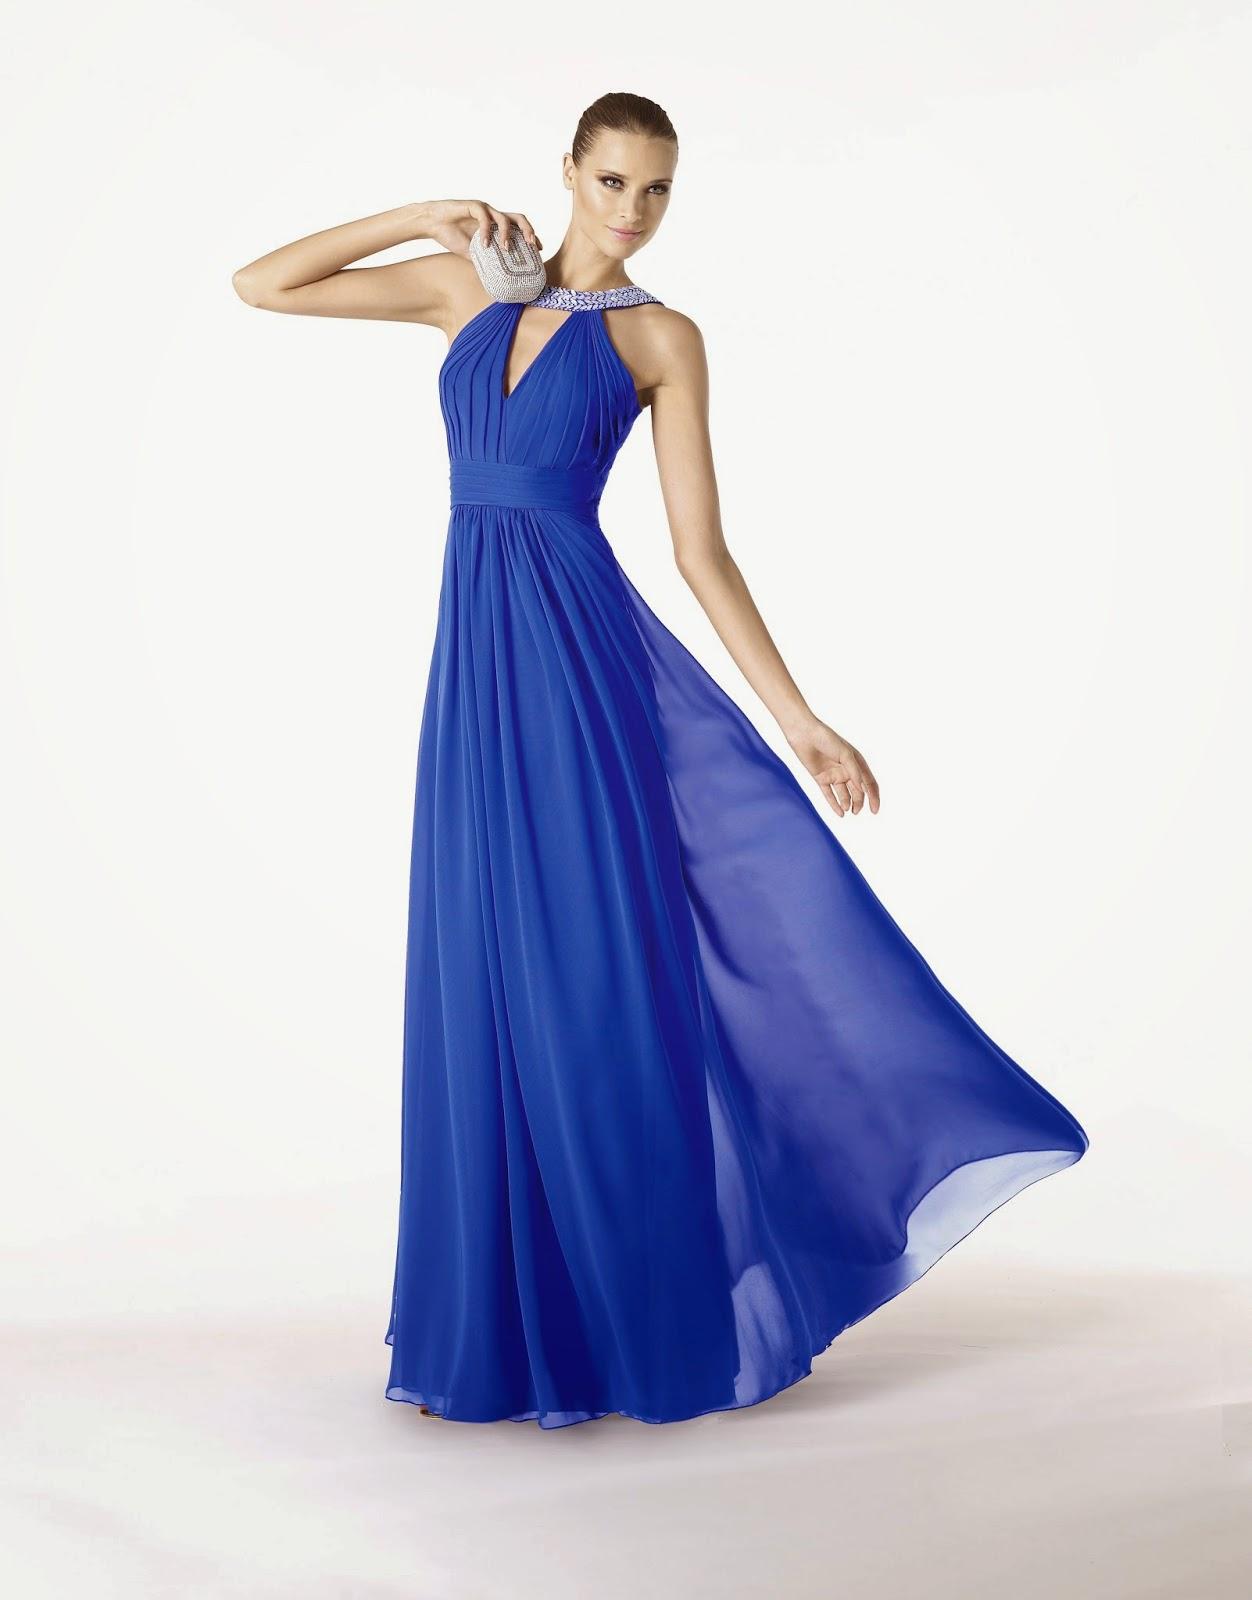 47506f7d6bcf7 ... del mundo de la moda y corresponden a diseños modernos dentro de las  clásicas tendencias en moda de los salones internacionales de la moda 2014.